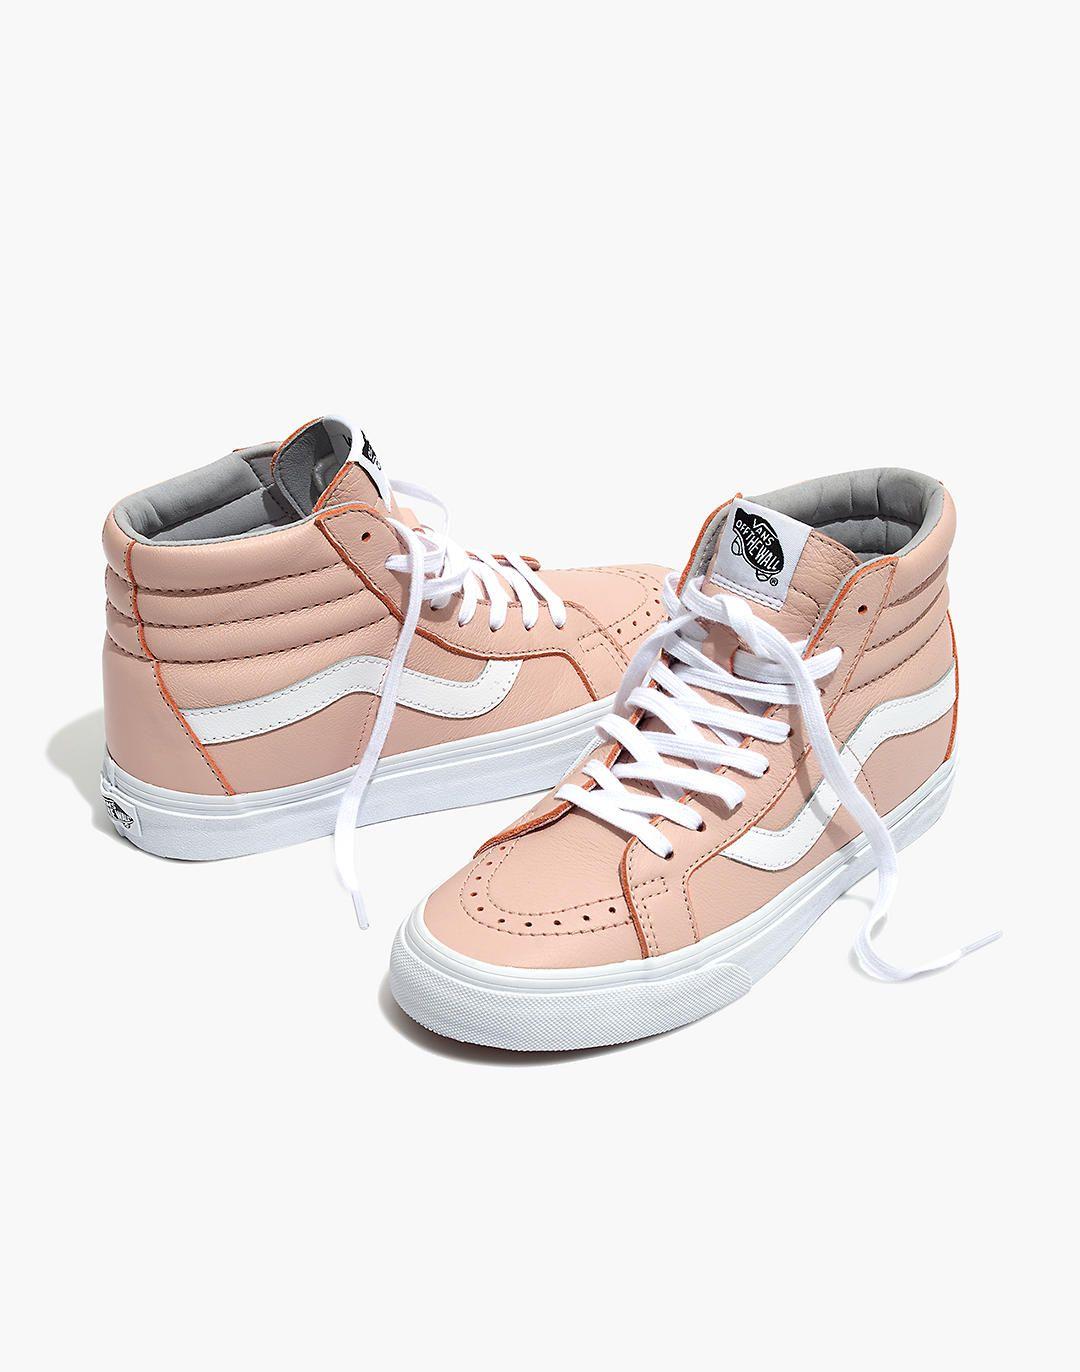 aaf69cc1471f0 Vans® Unisex SK8-Hi Reissue High-Top Sneakers in Oxford Pink Leather ...